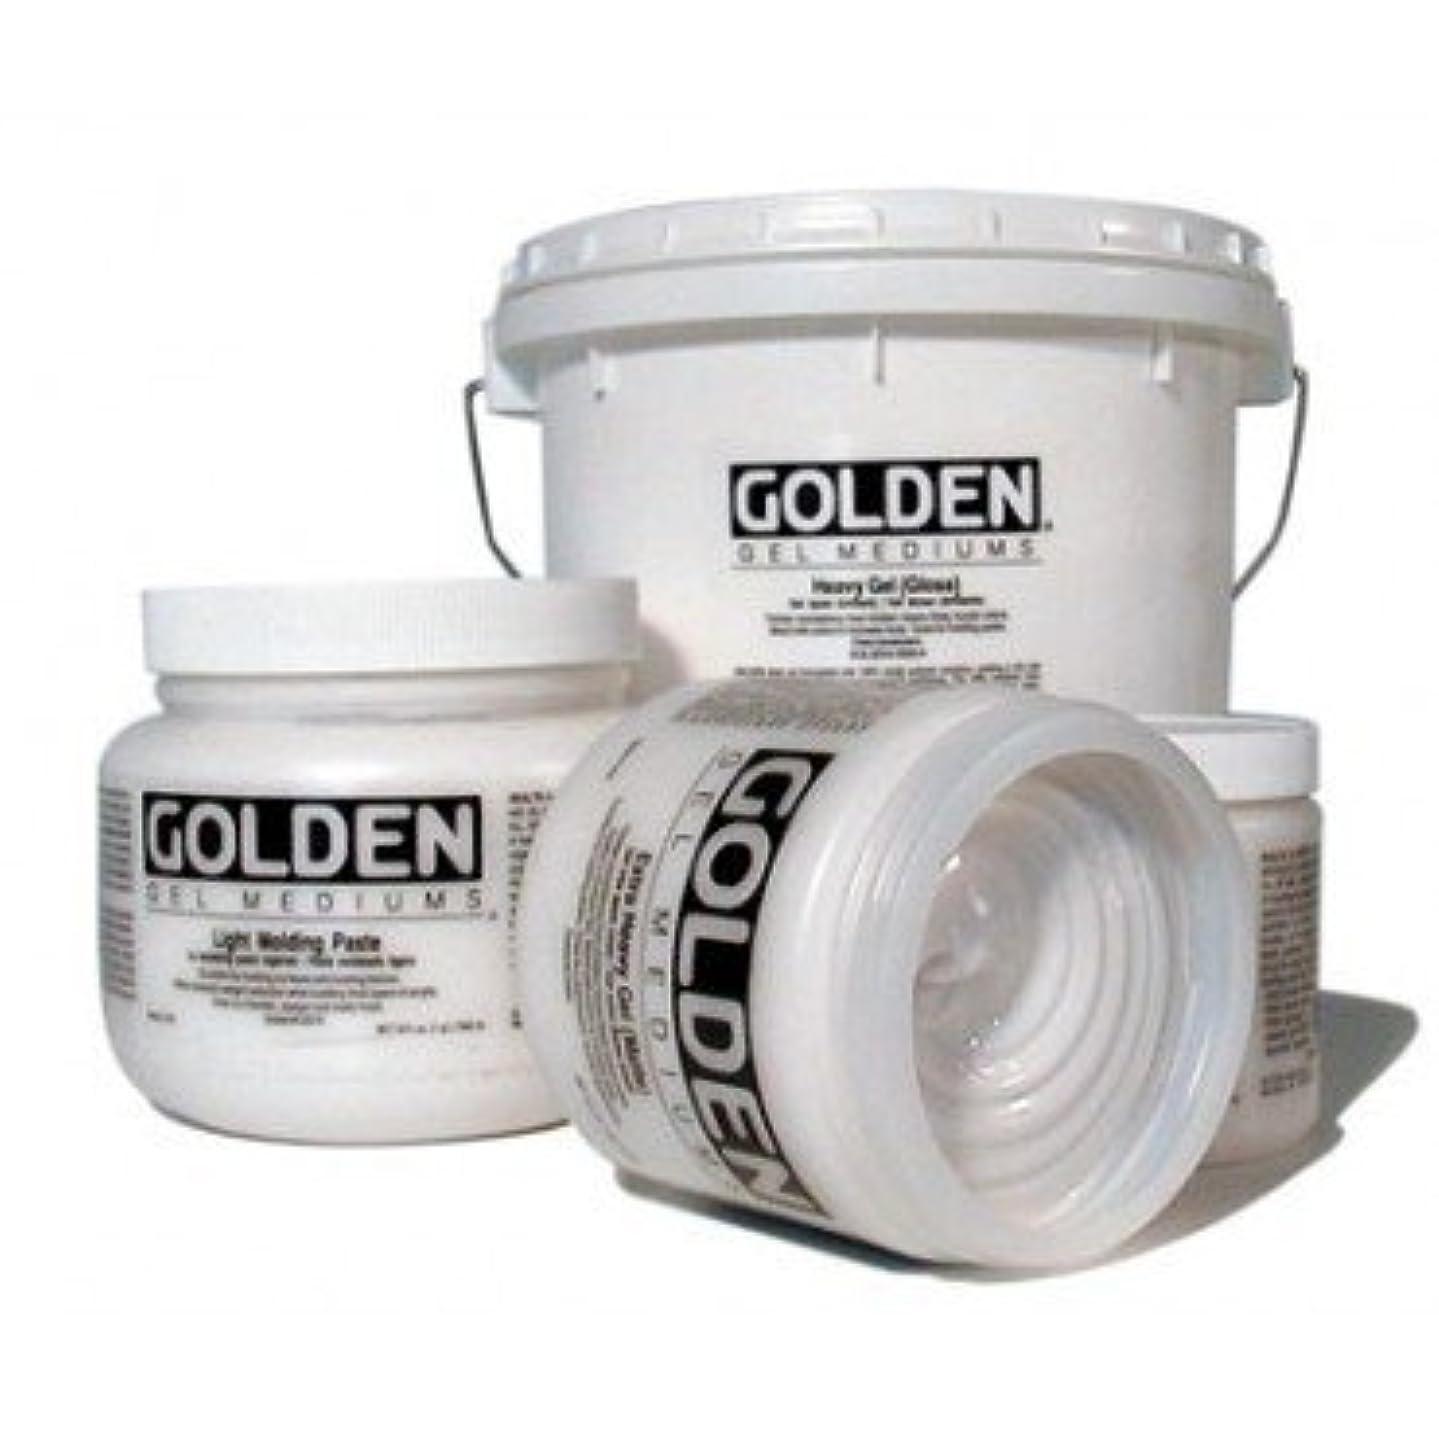 Golden Heavy Gel - Gloss 1 Gallon